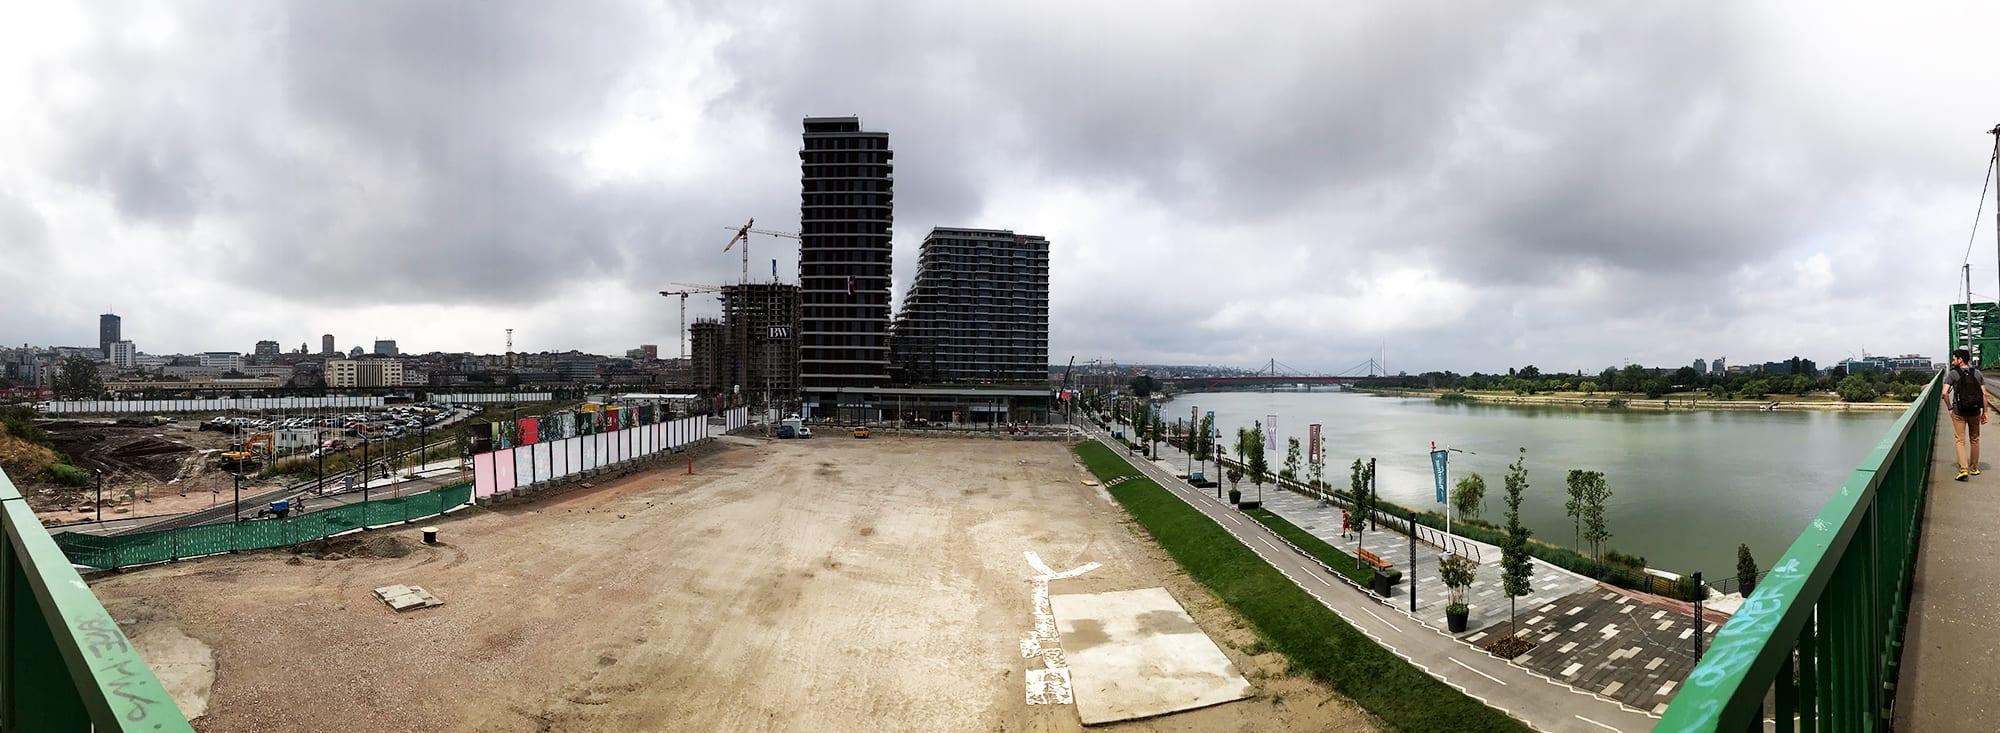 Belgrad Städtetrip Sehenswürdigkeiten Waterfront